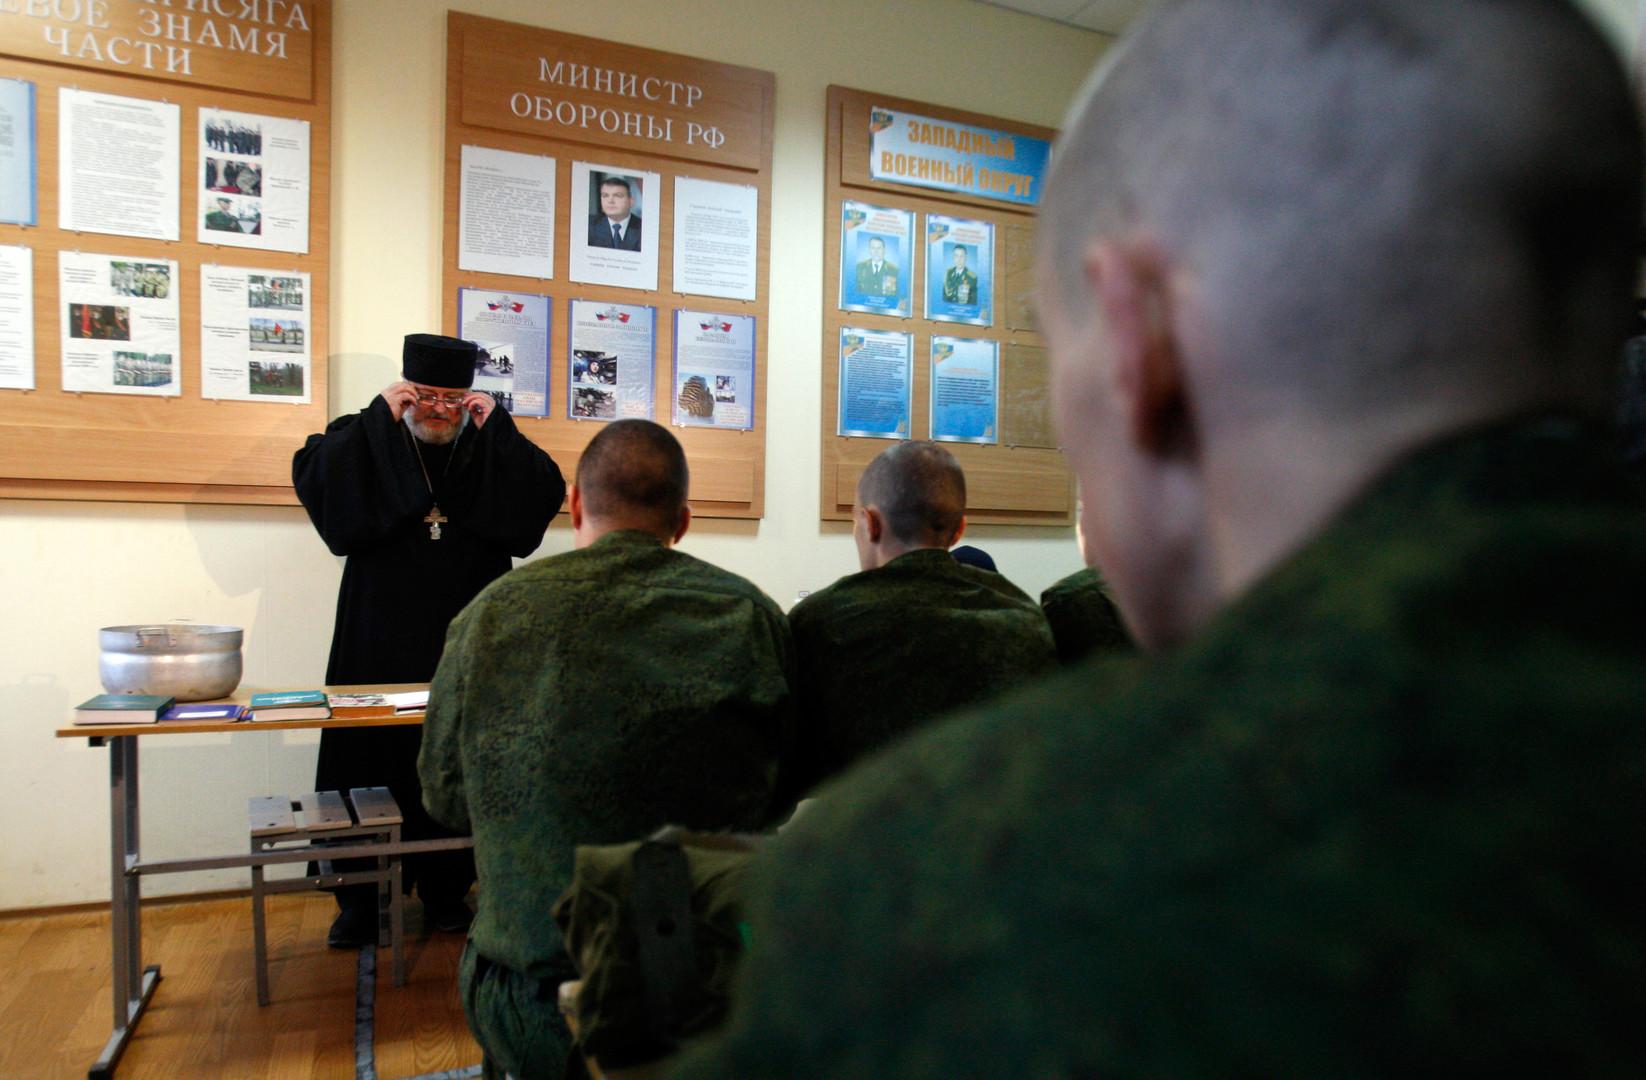 Ein Militärpfarrer spricht mit Militärangehörigen über Gott.